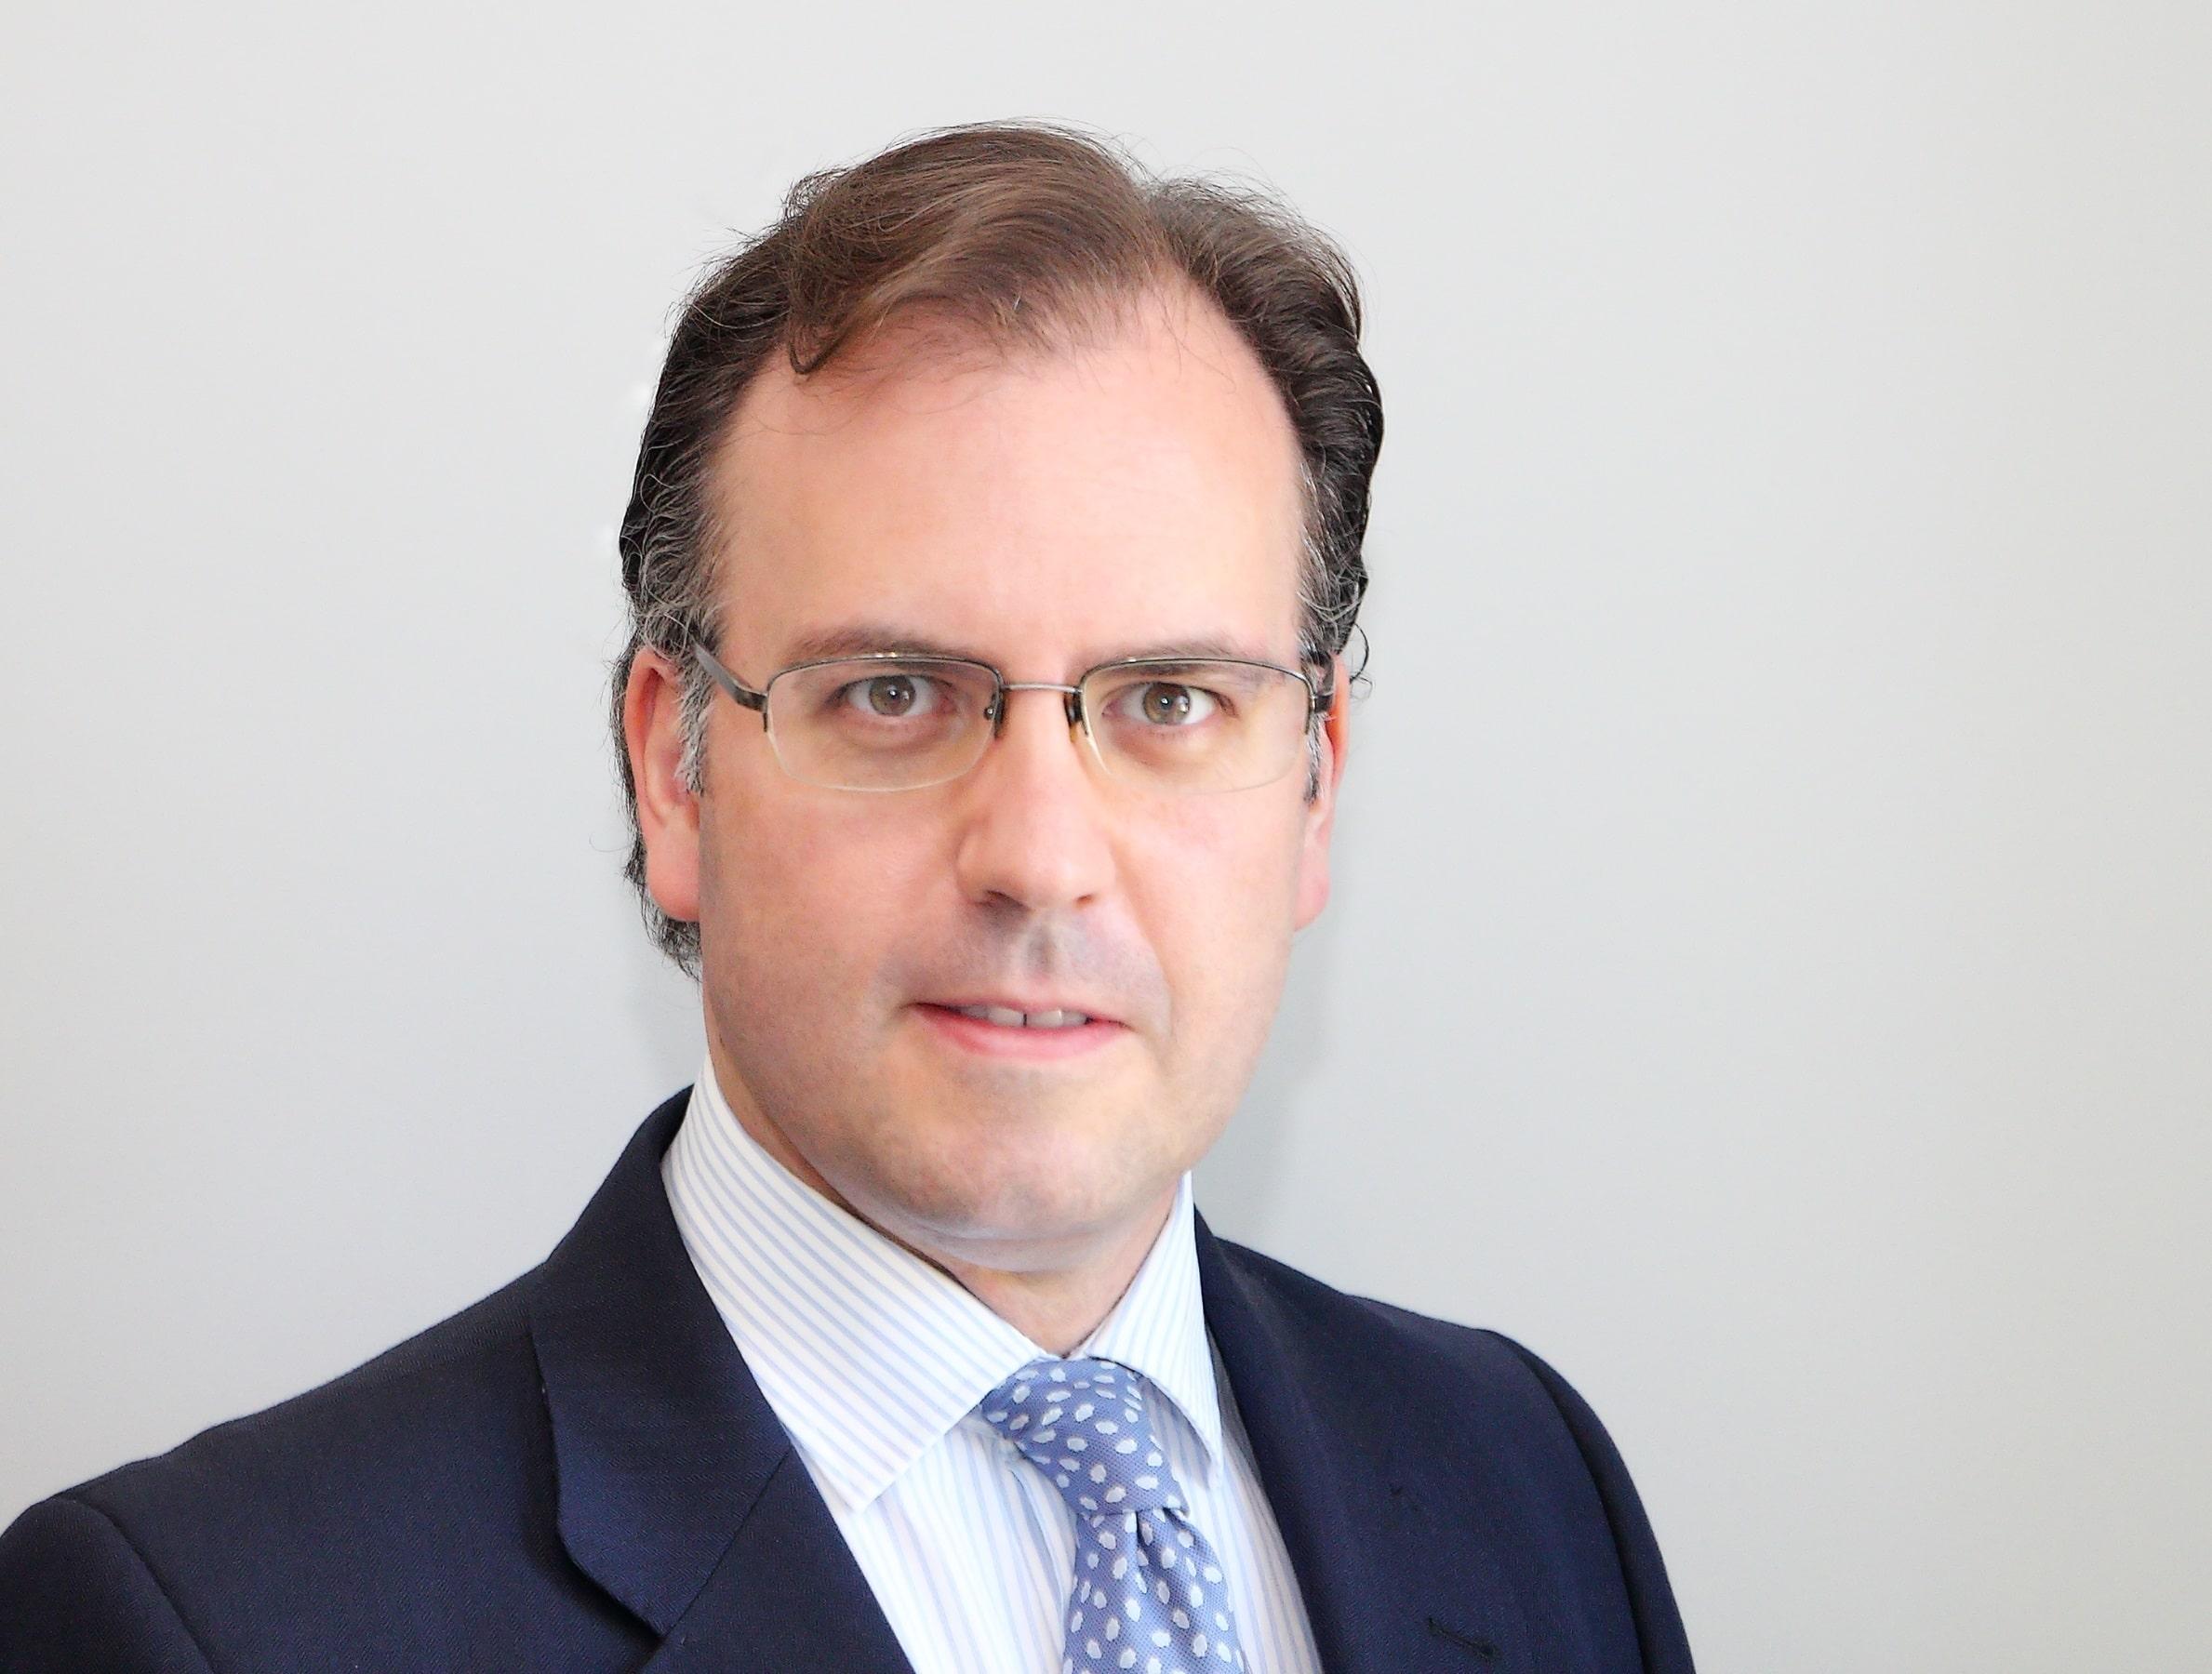 Análisis económico con Alberto Matellán